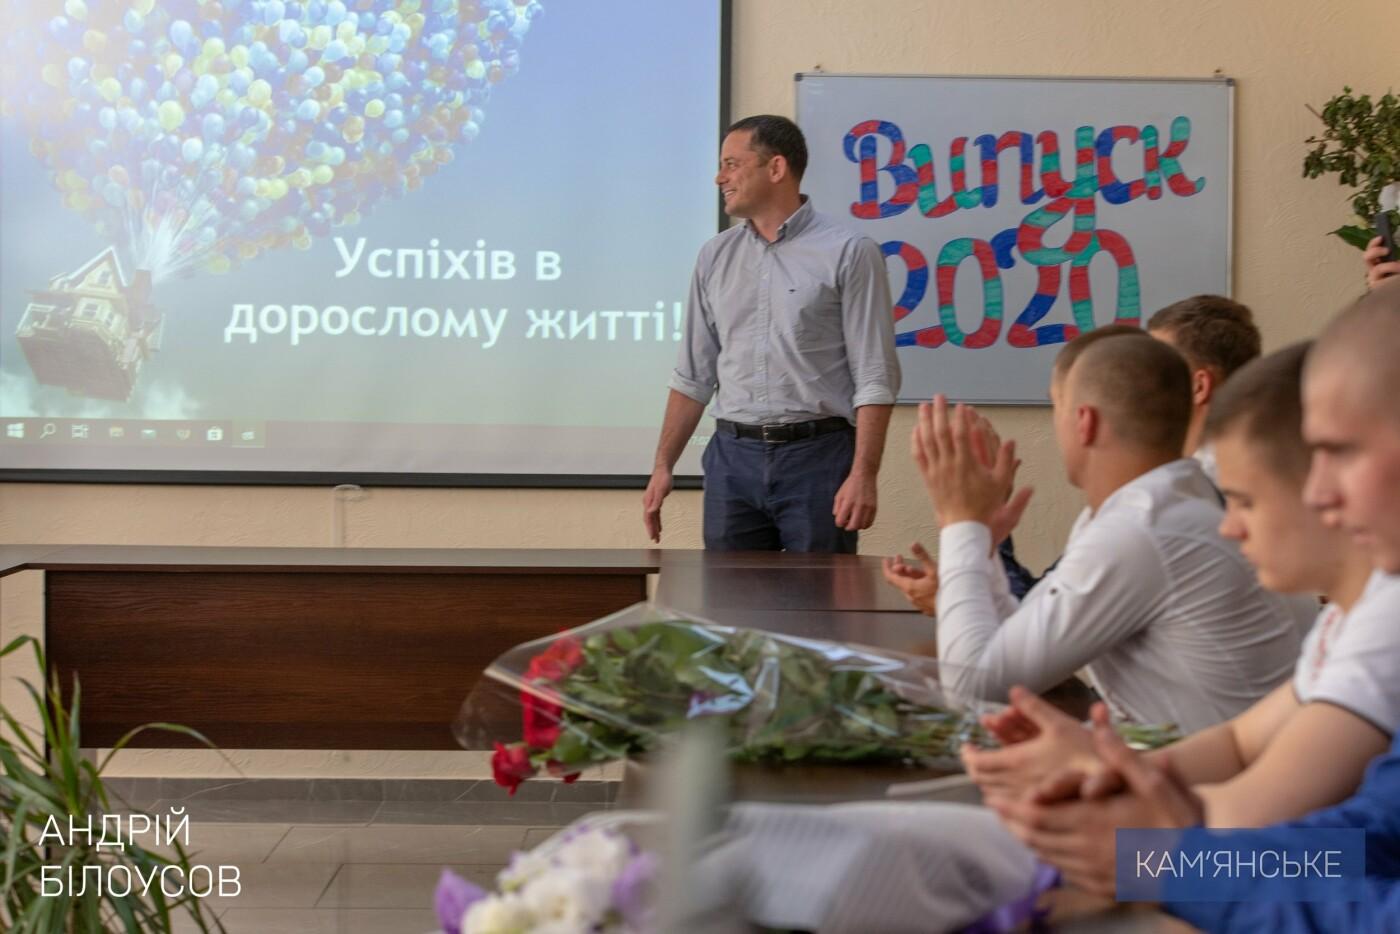 Выпускникам ДЮСШ №4 вручили свидетельства об окончании спортшколы, фото-1